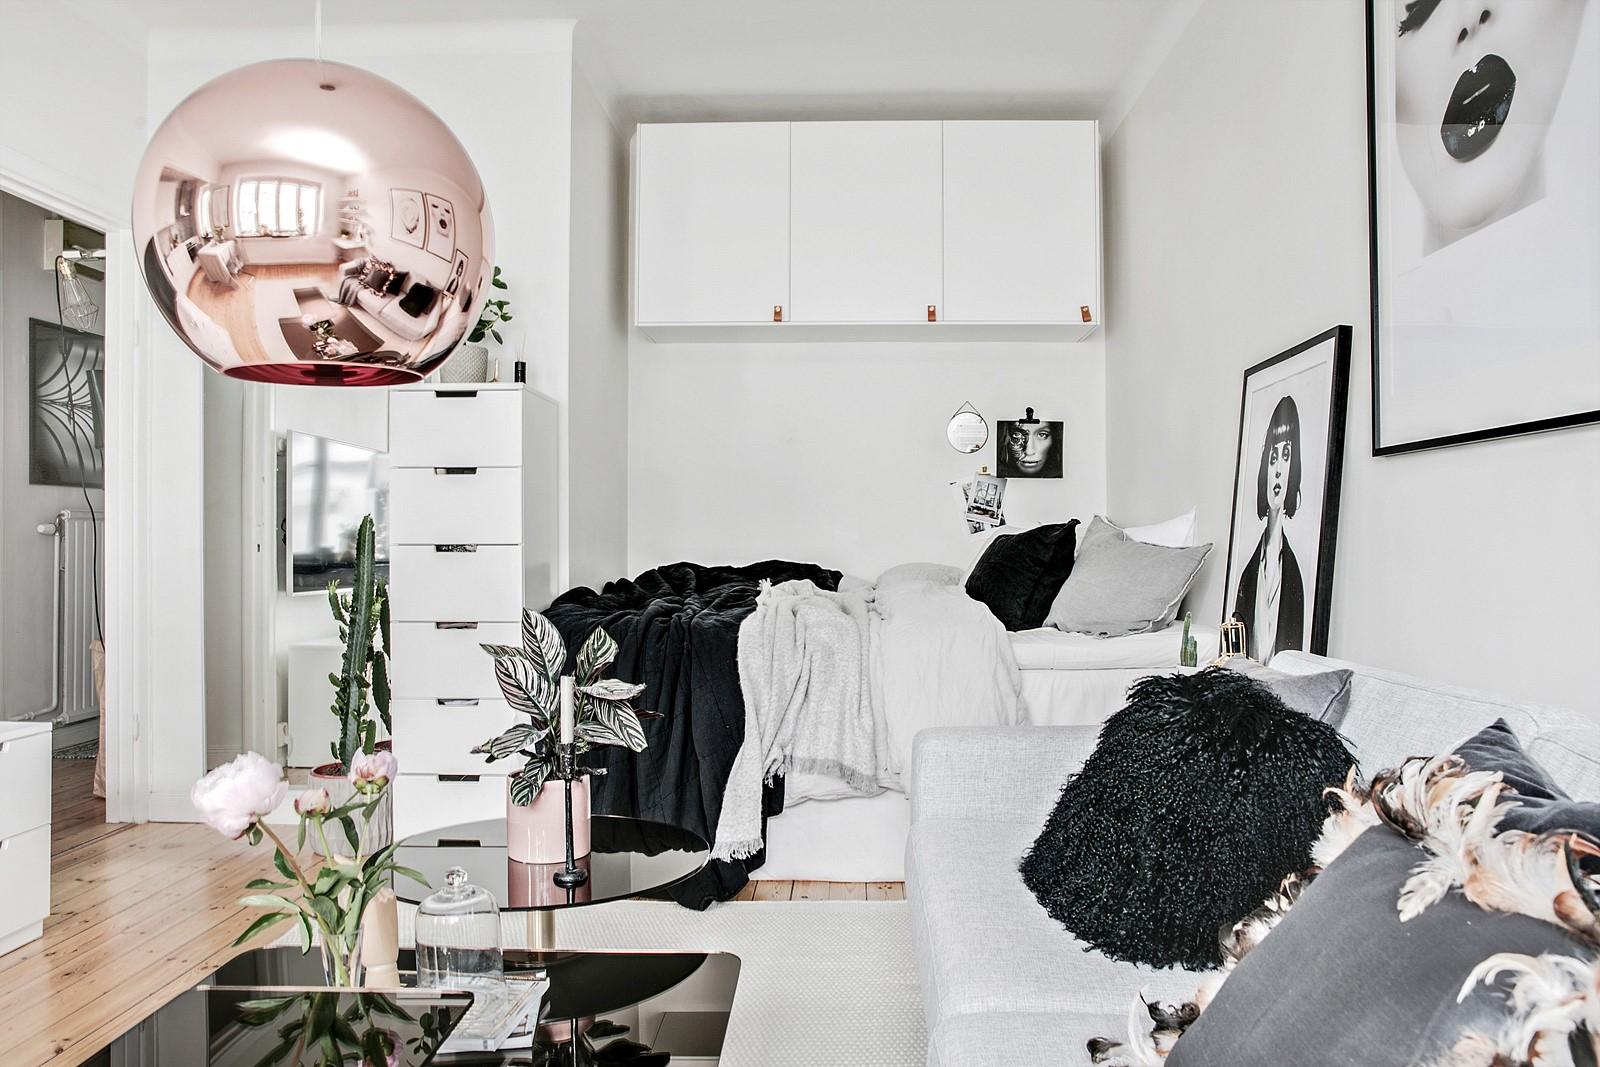 гостиная ниша  спальня студия диван столик подвесная лампа